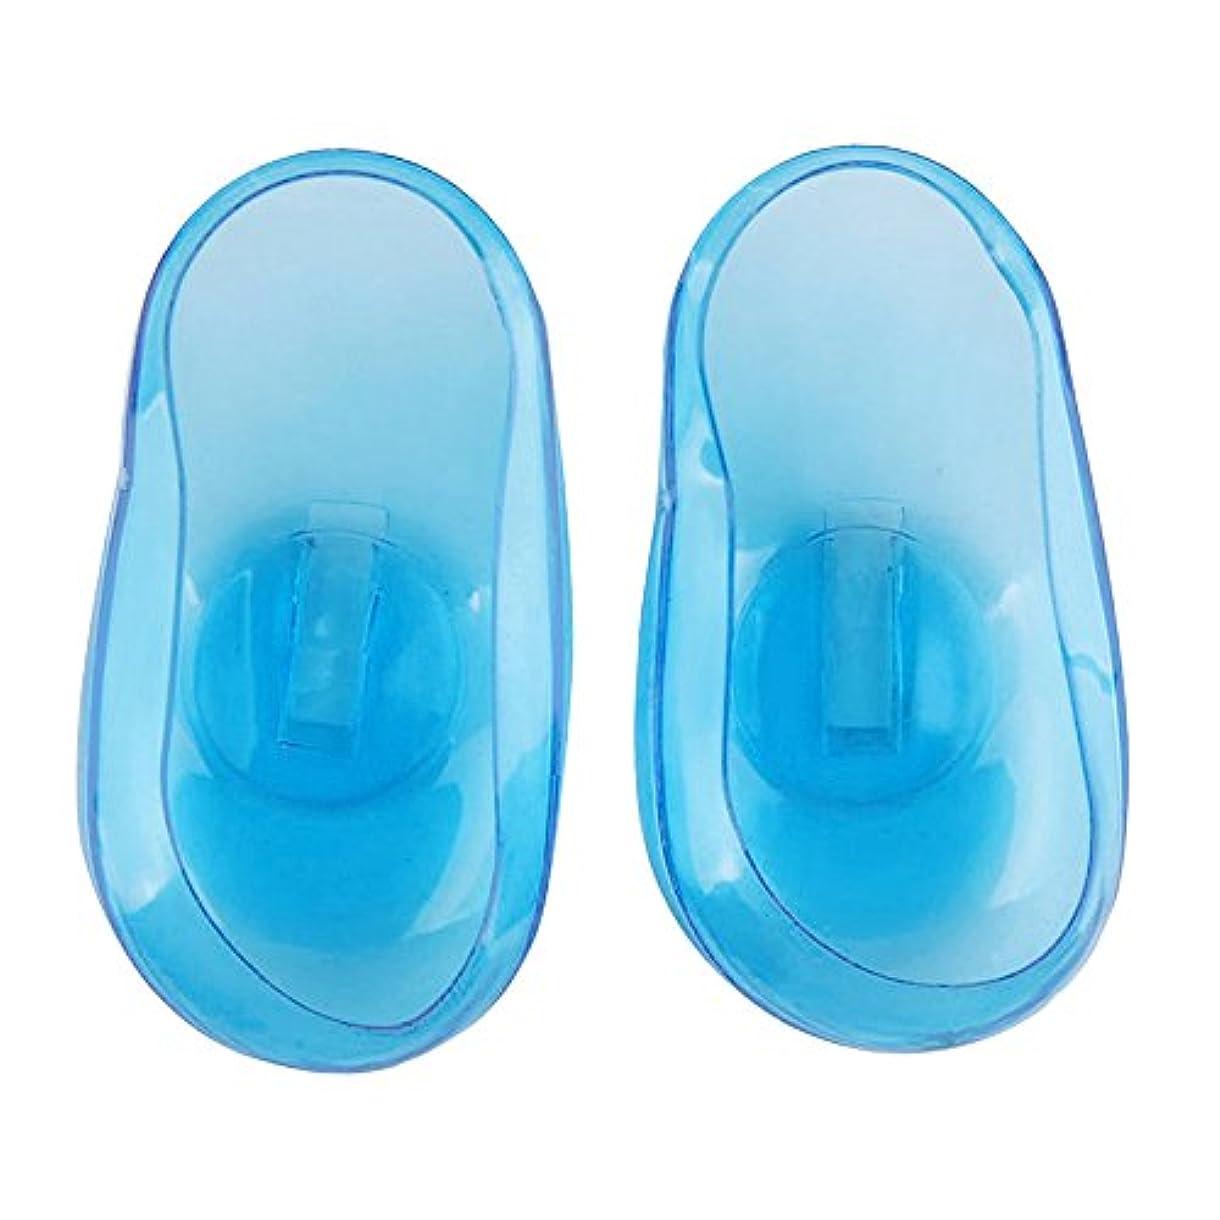 セール残り物くそーMerssavo シリコンプロテクターサロンアクセサリー耳蓋ノイズプロテクターヘアダイシールド(ブルー)